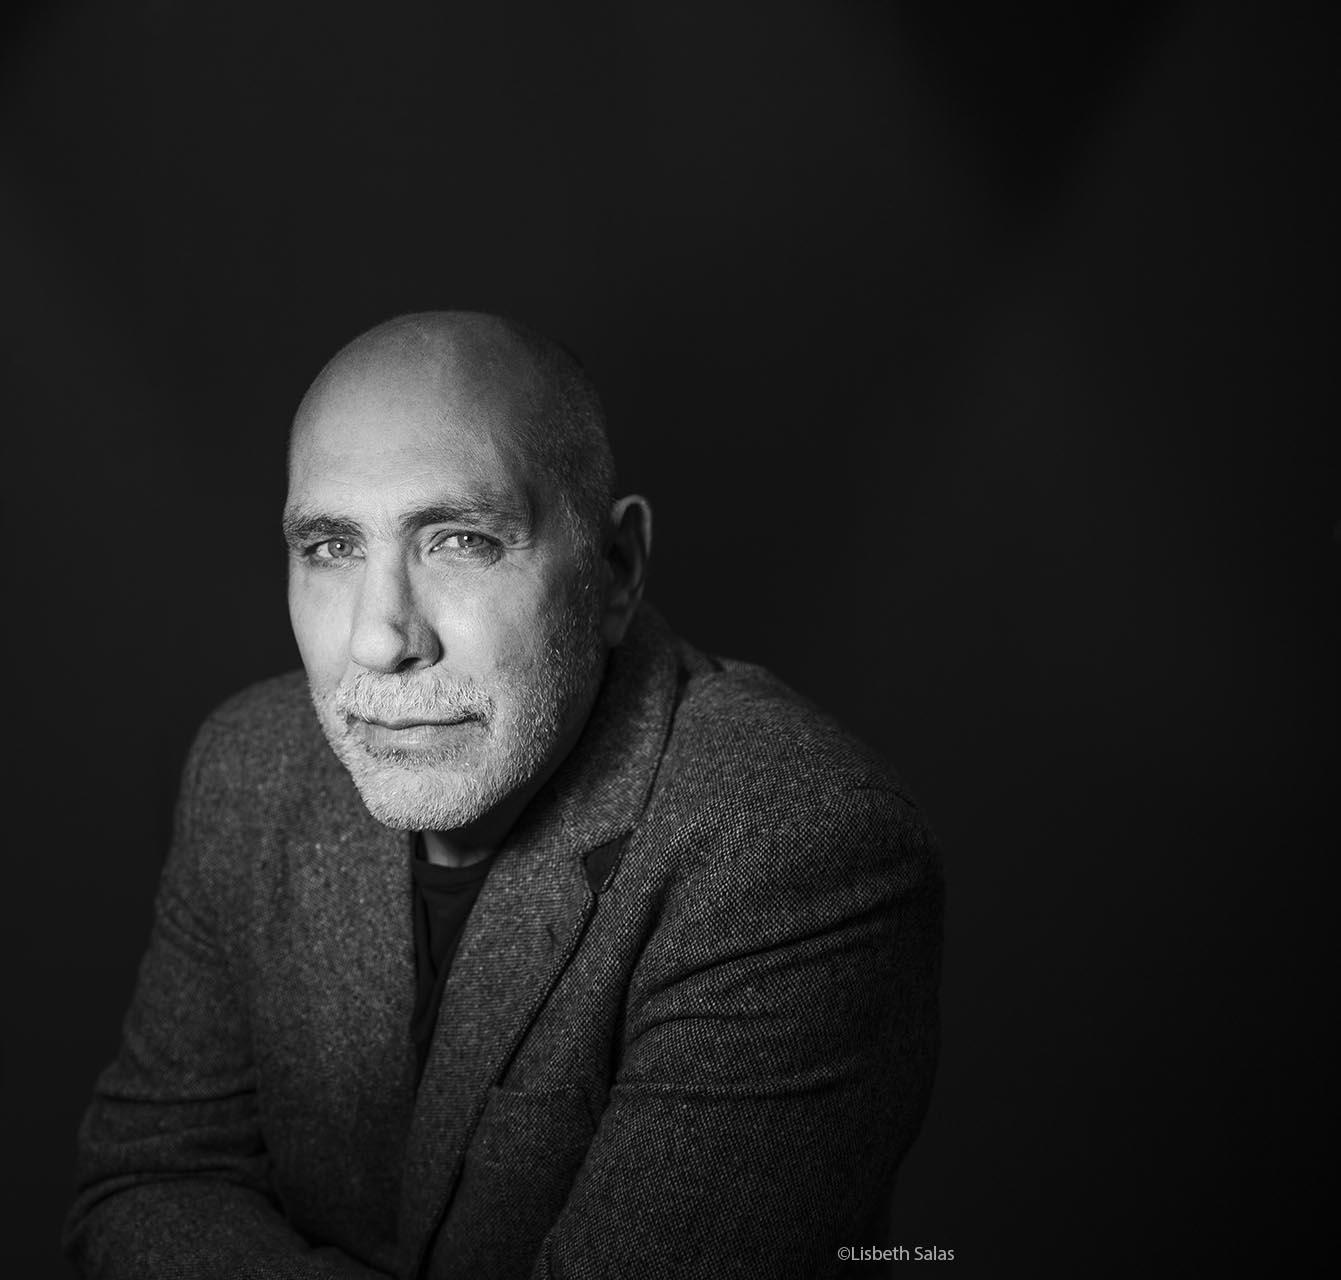 El escritor y cineasta mexicano Guillermo Arriaga. / FOTOGRAFÍA DE LISBETH SALAS